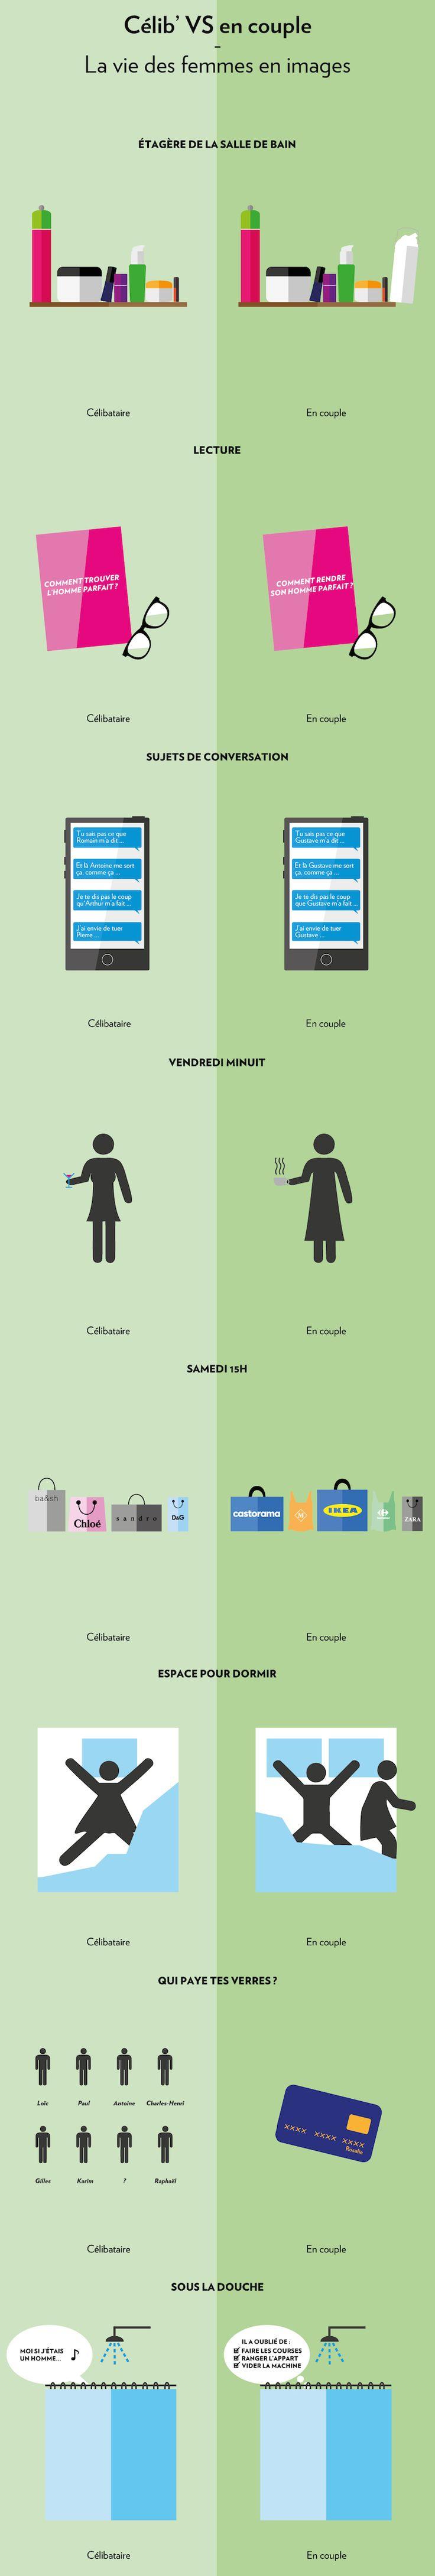 Contact des femmes celibataires